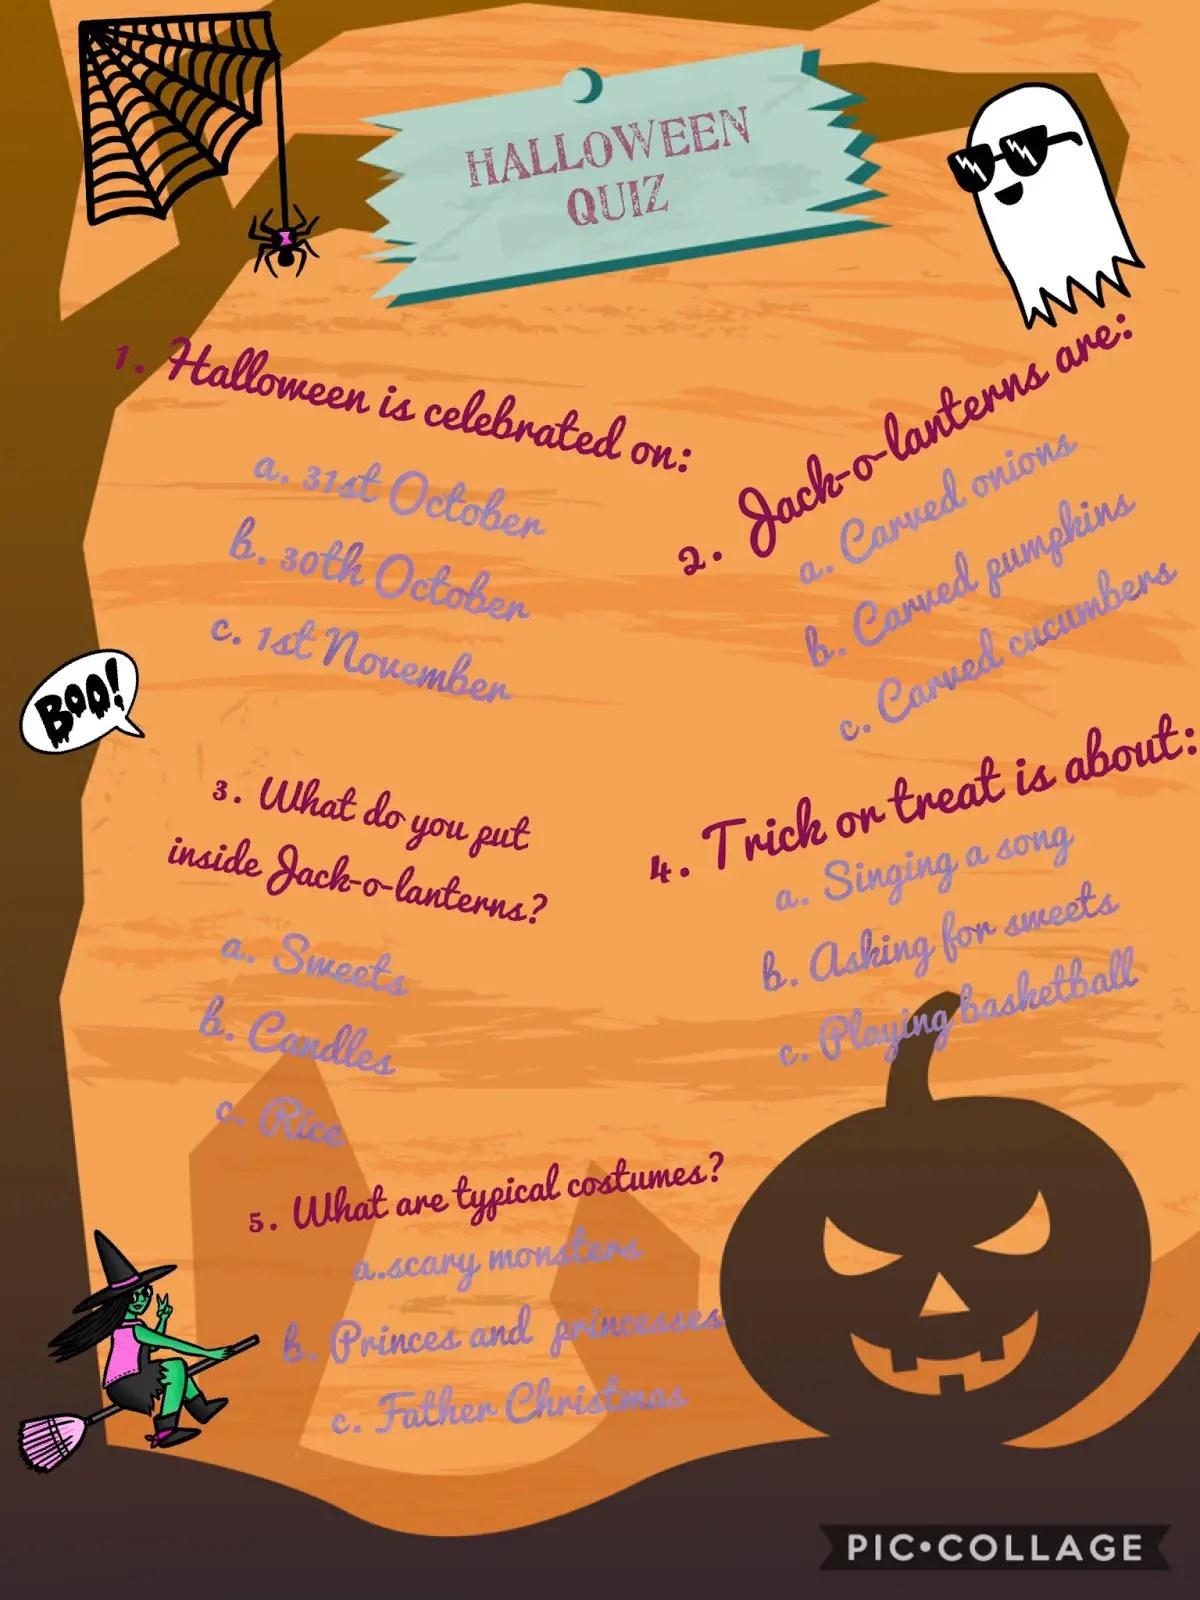 36 Fun Halloween Trivia